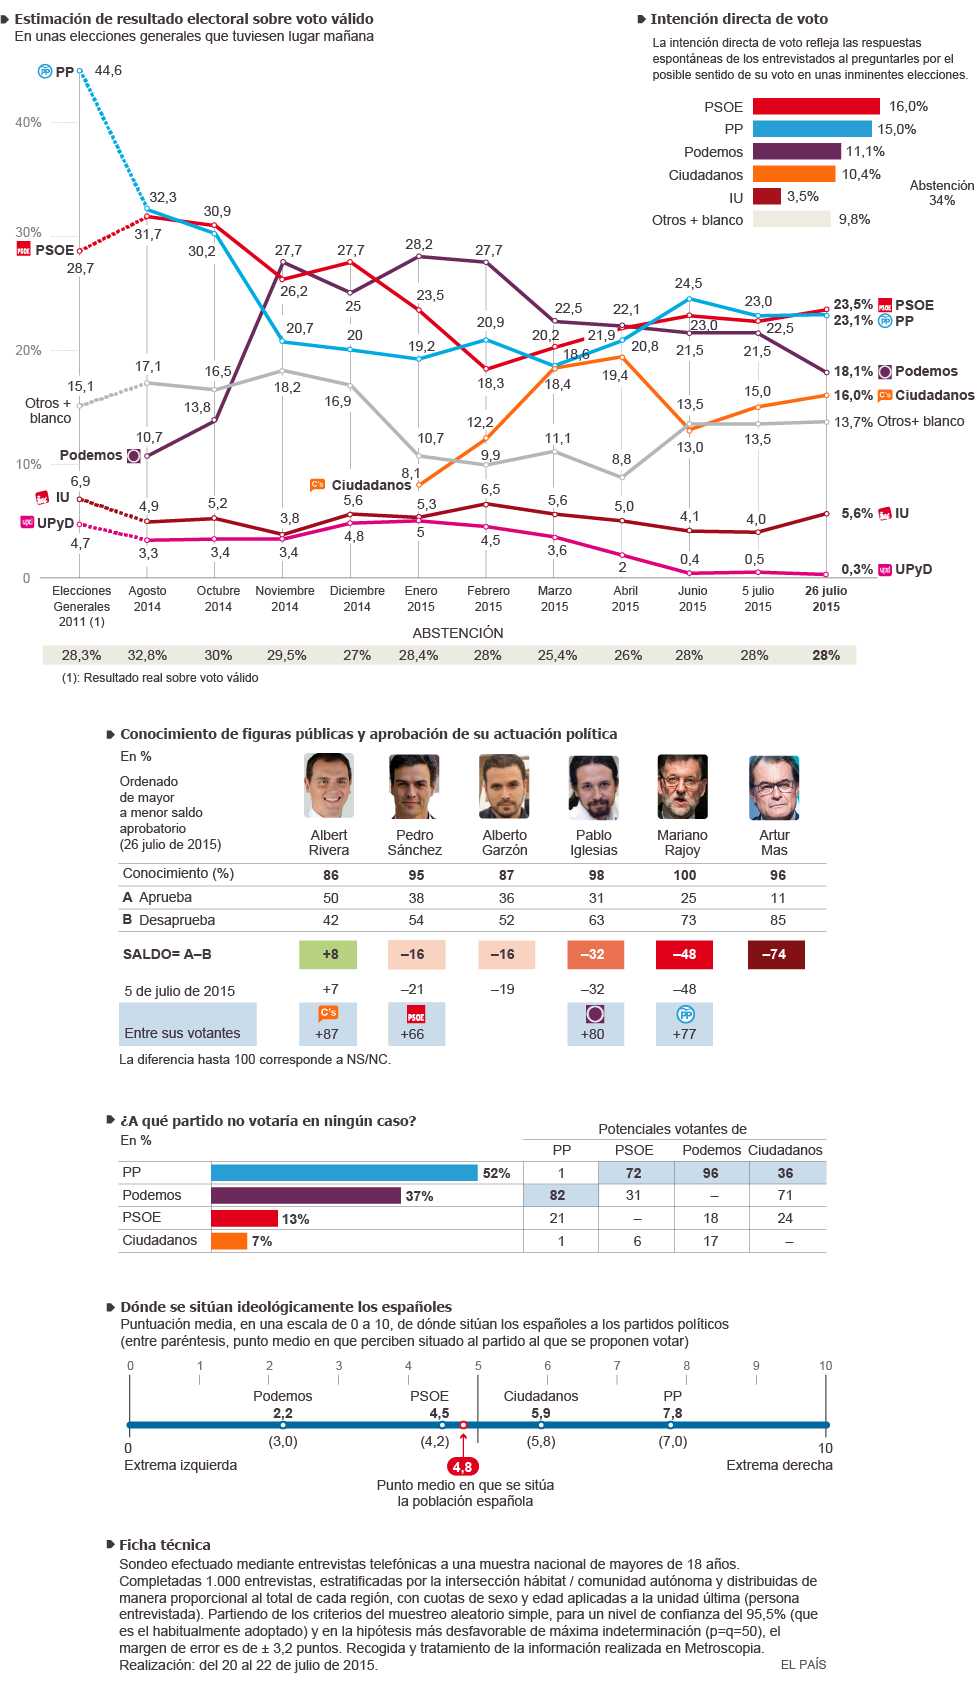 Elecciones Generales 2015. Crucescopia - Página 6 1437765094_076190_1437834137_noticia_normal